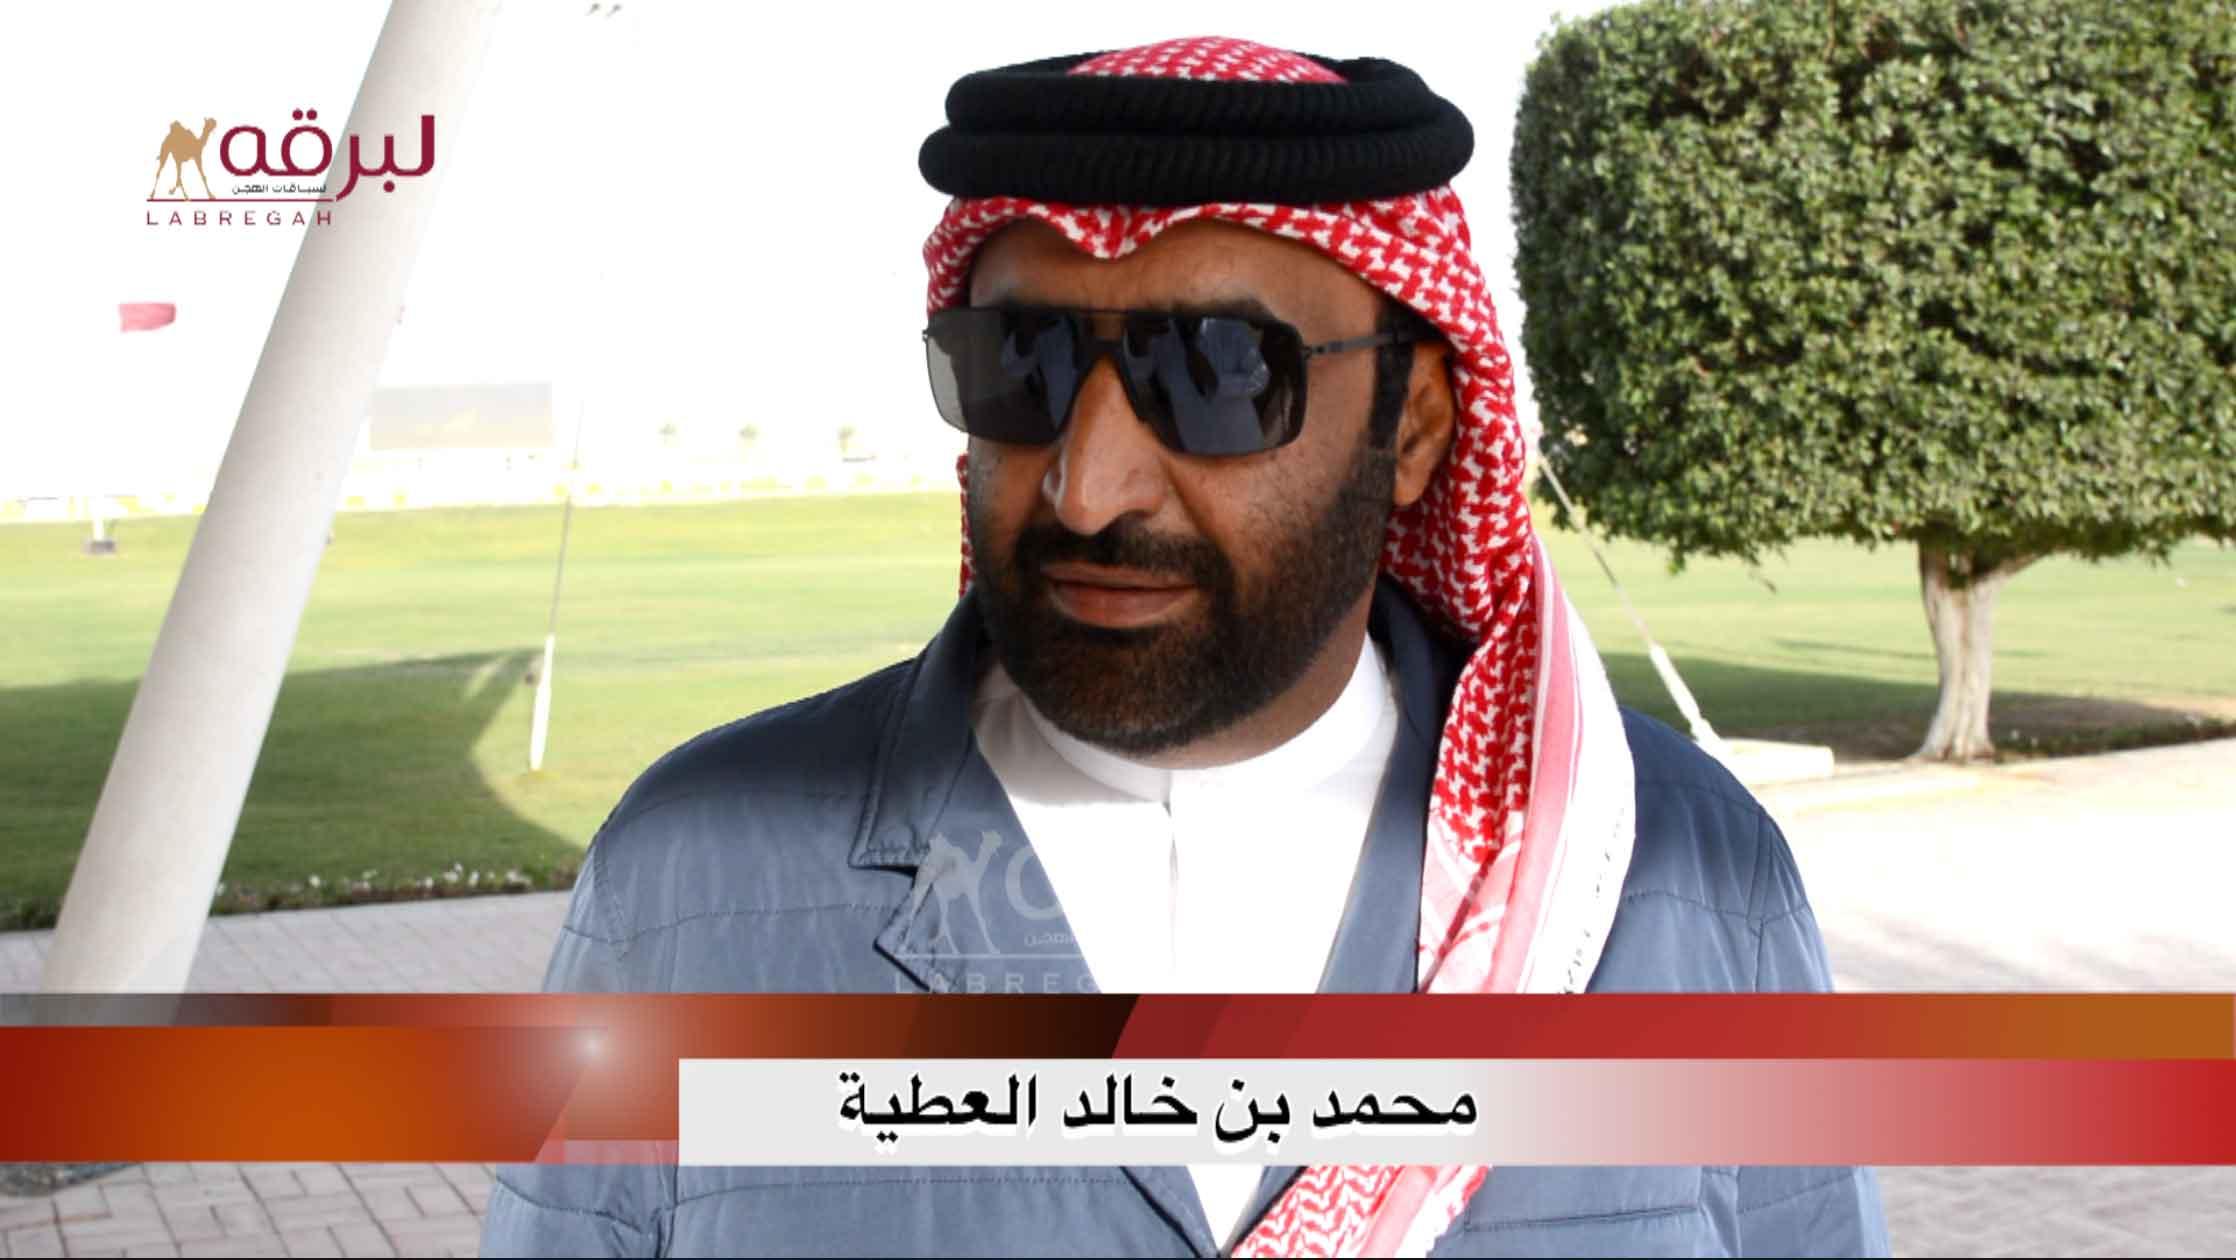 لقاء مع محمد بن خالد العطية.. الخنجر الذهبي جذاع قعدان « مفتوح » الأشواط المفتوحة  ٢١-١-٢٠٢١